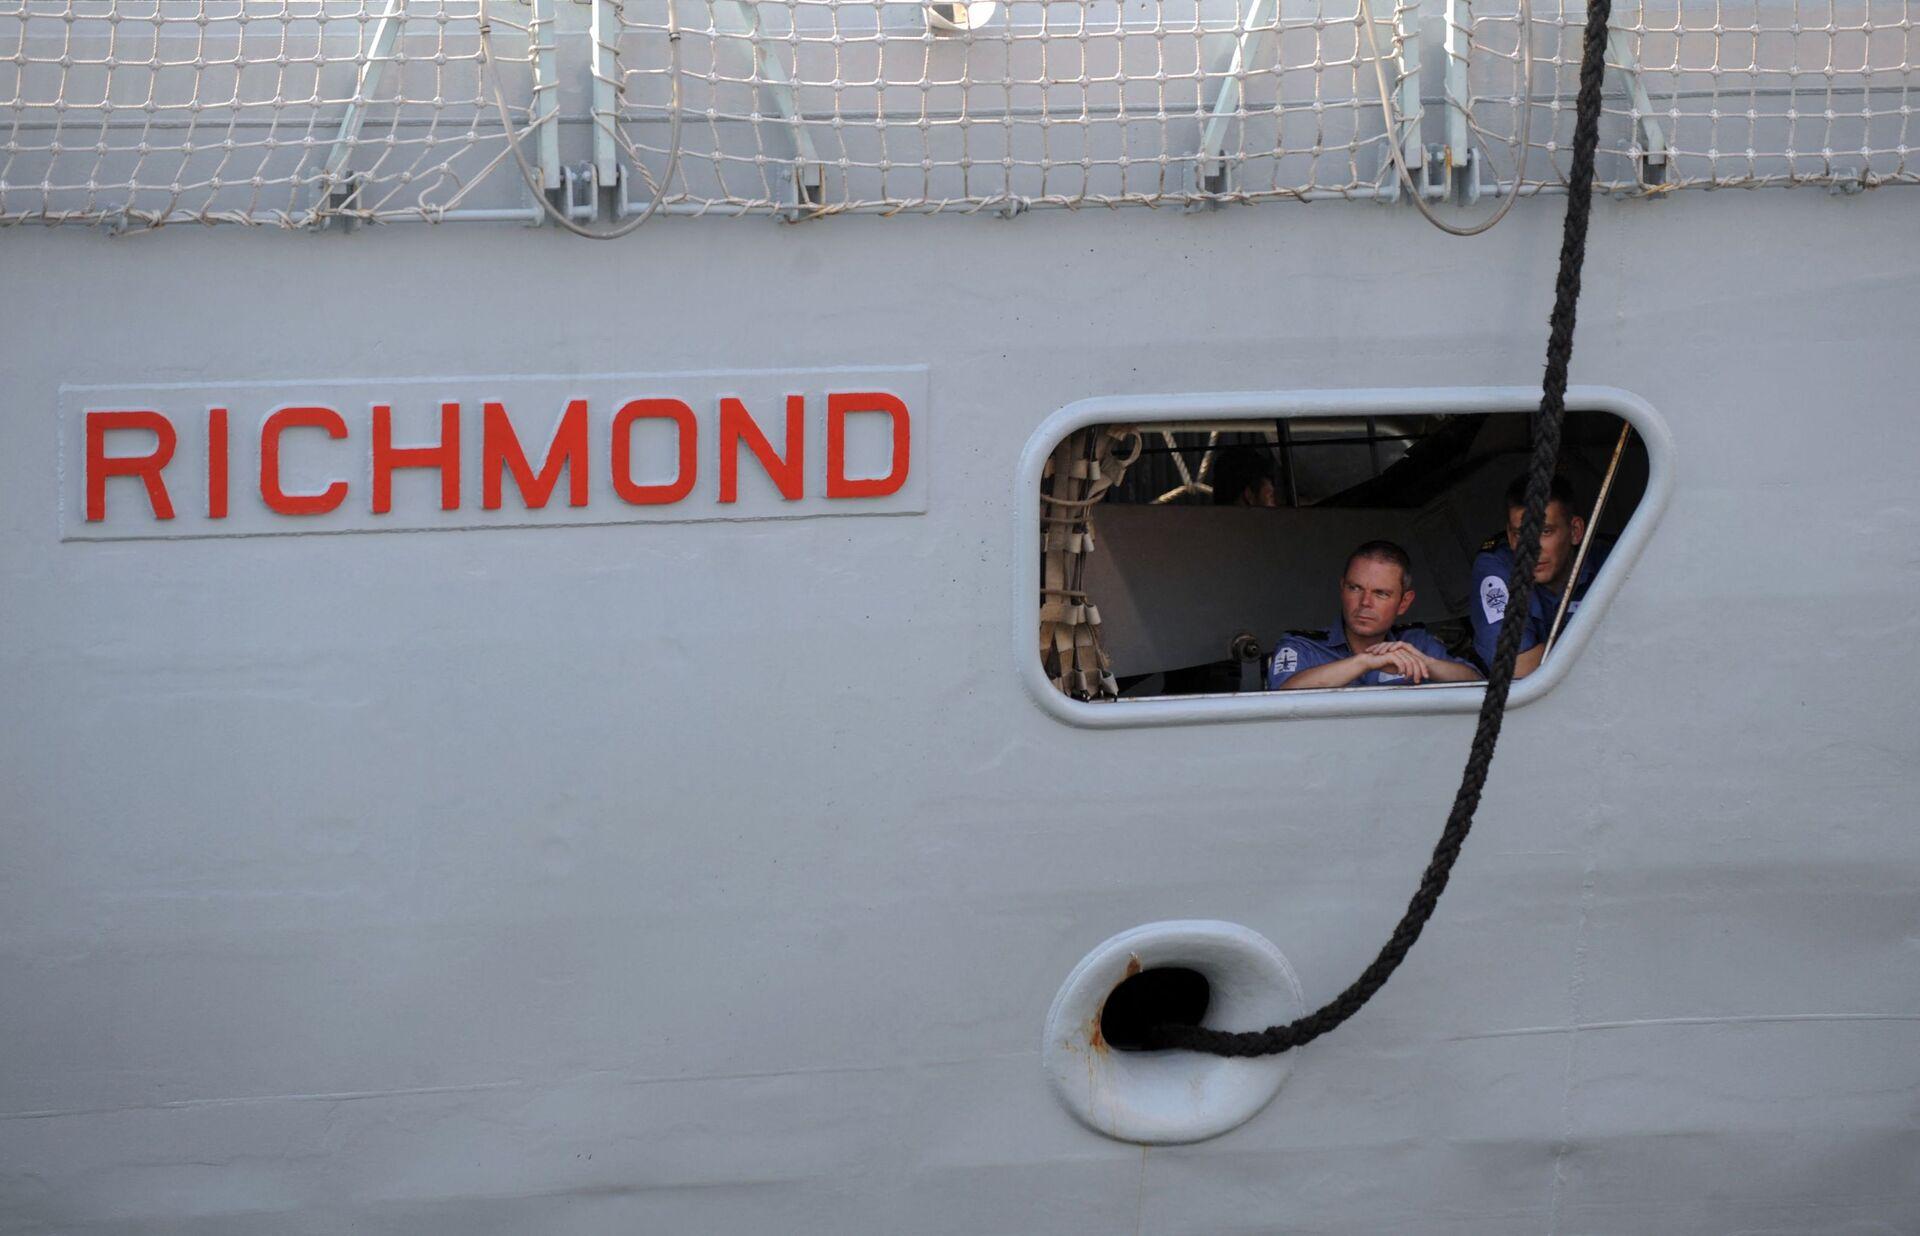 HMS Richmond, tàu khu trục của Hải quân Hoàng gia Anh. - Sputnik Việt Nam, 1920, 05.10.2021